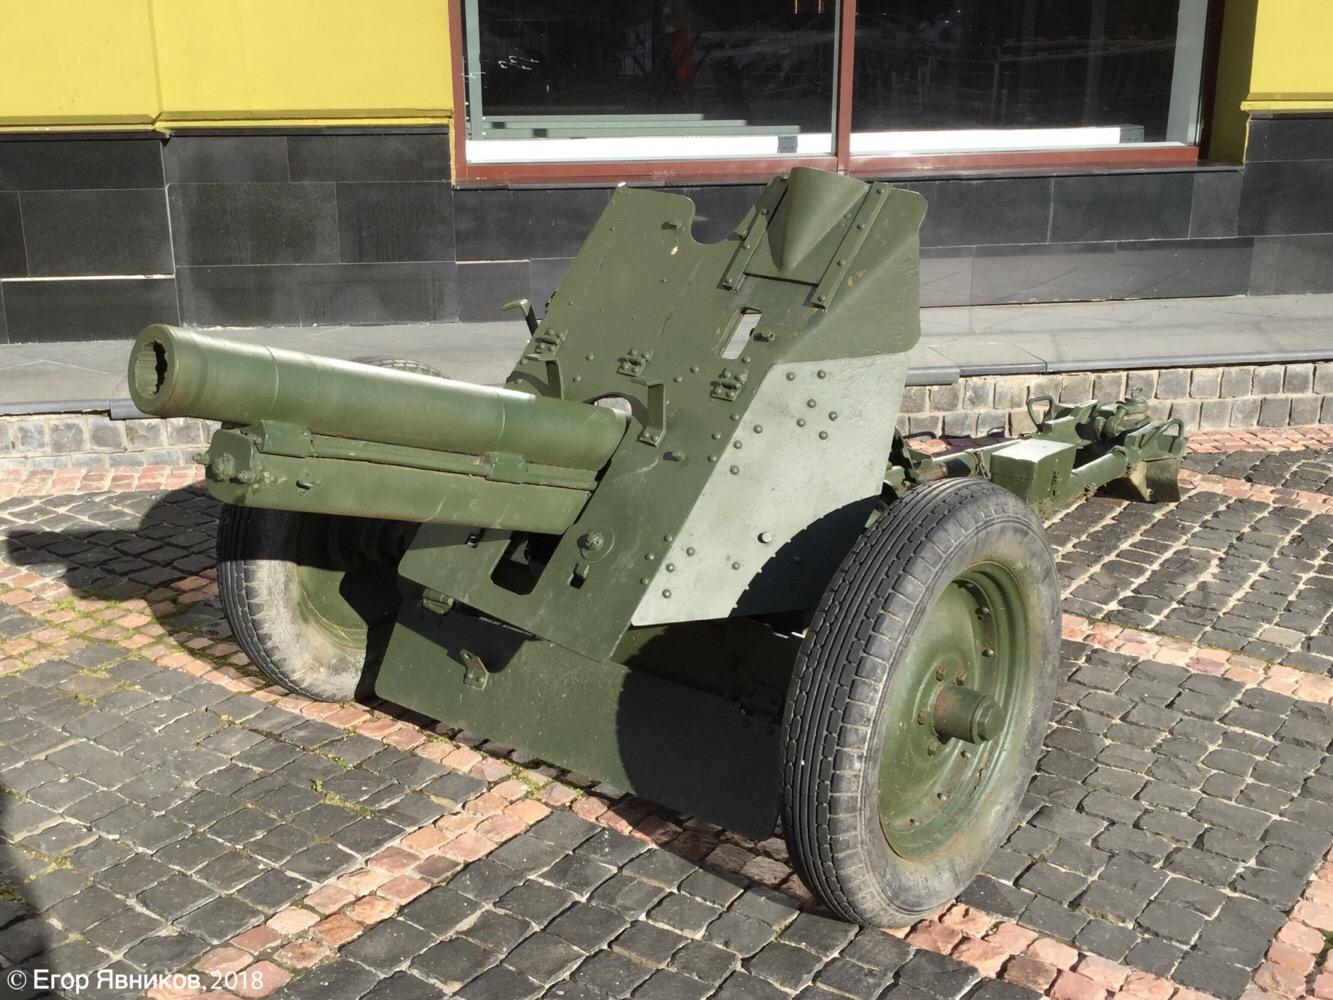 76-мм полковая пушка ОБ-25. Московская область, Ильинское шоссе 4-ый км (Музей техники Вадима Задорожного)